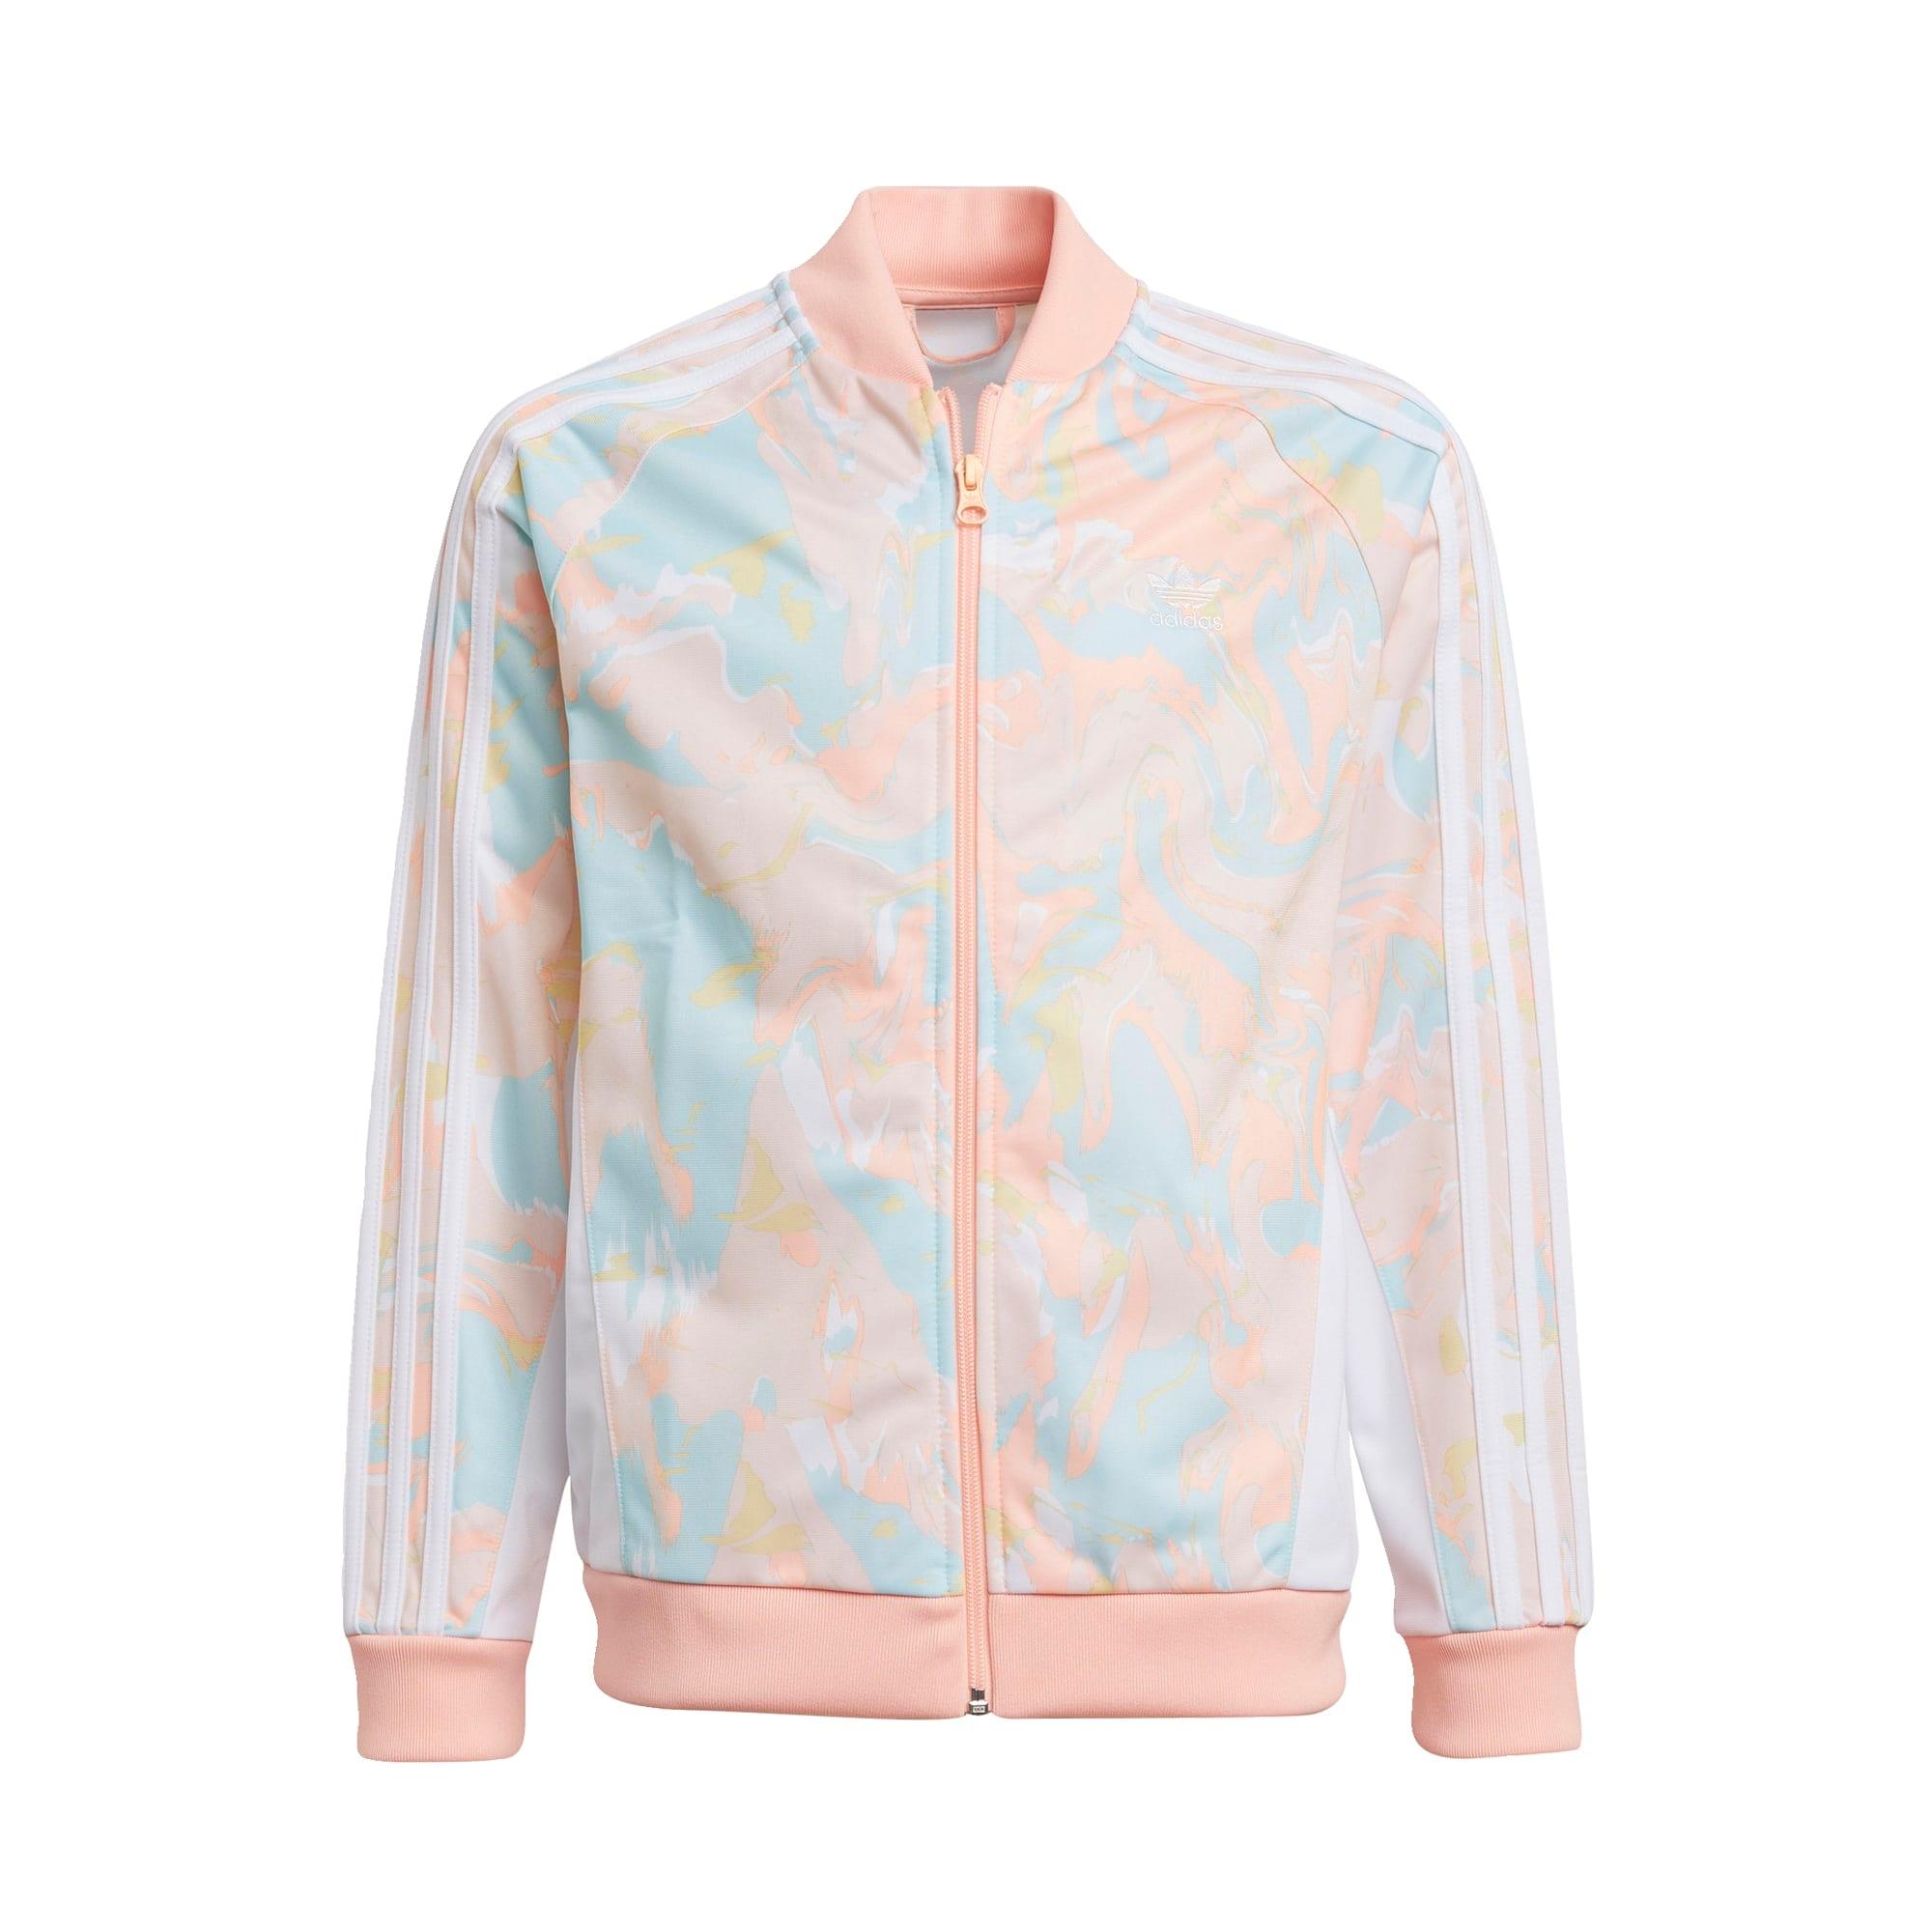 ADIDAS ORIGINALS Džemperis ryškiai rožinė spalva / šviesiai mėlyna / balta / persikų spalva